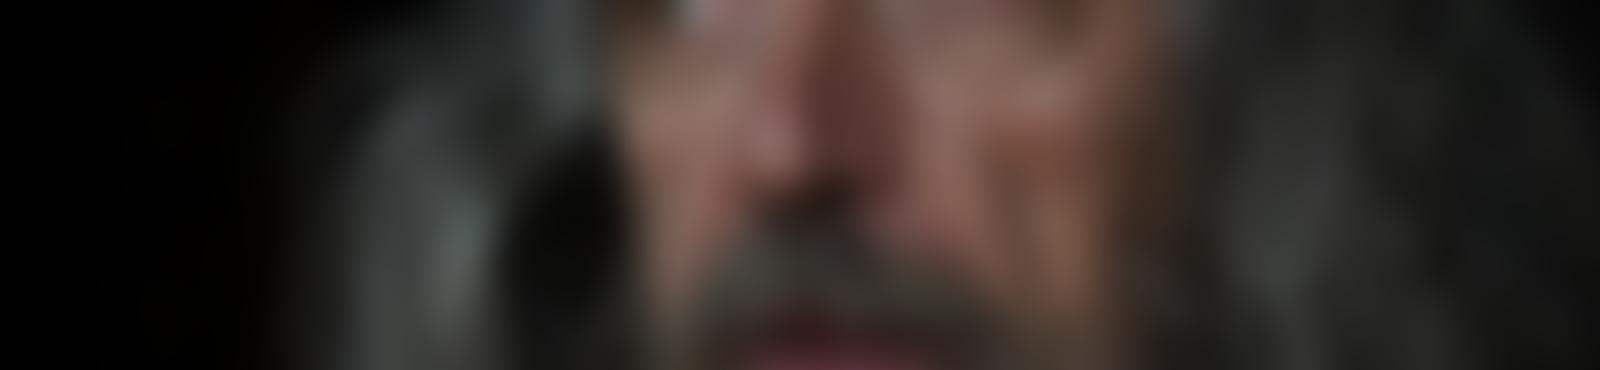 Blurred 6cc0701b 6a2b 4344 b92f e9fc109943f5